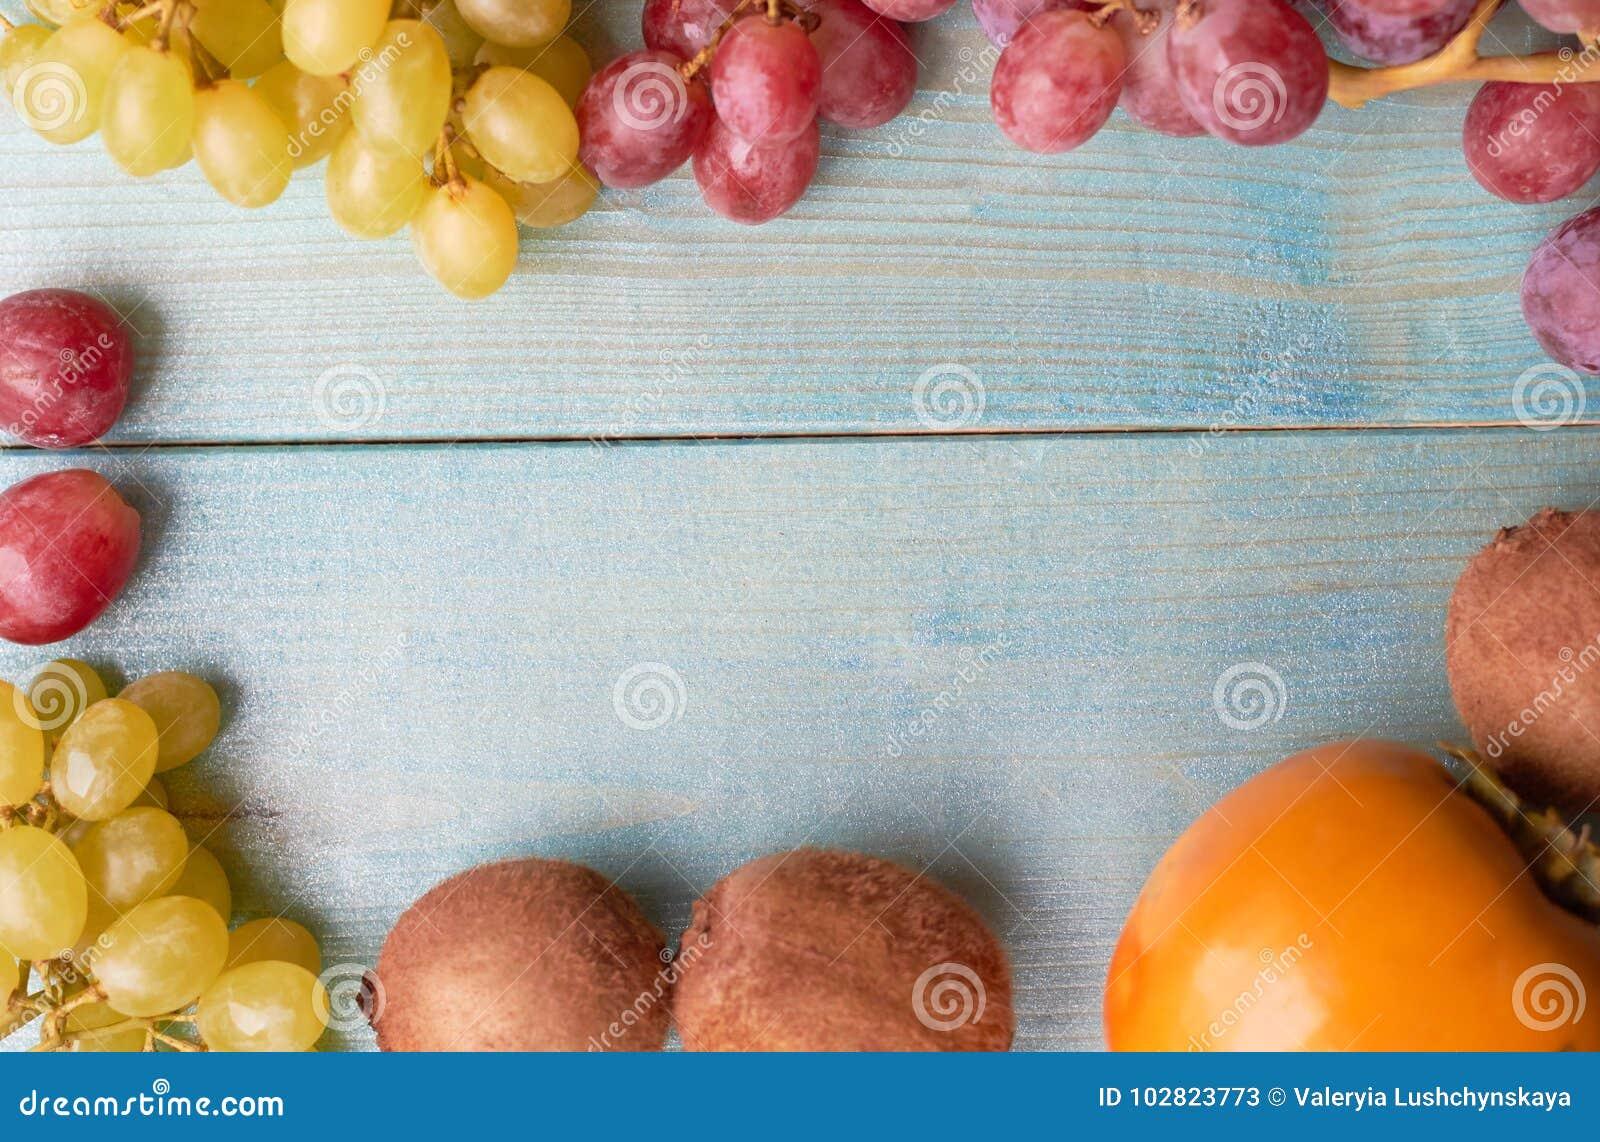 Bakgrund av saftiga frukter